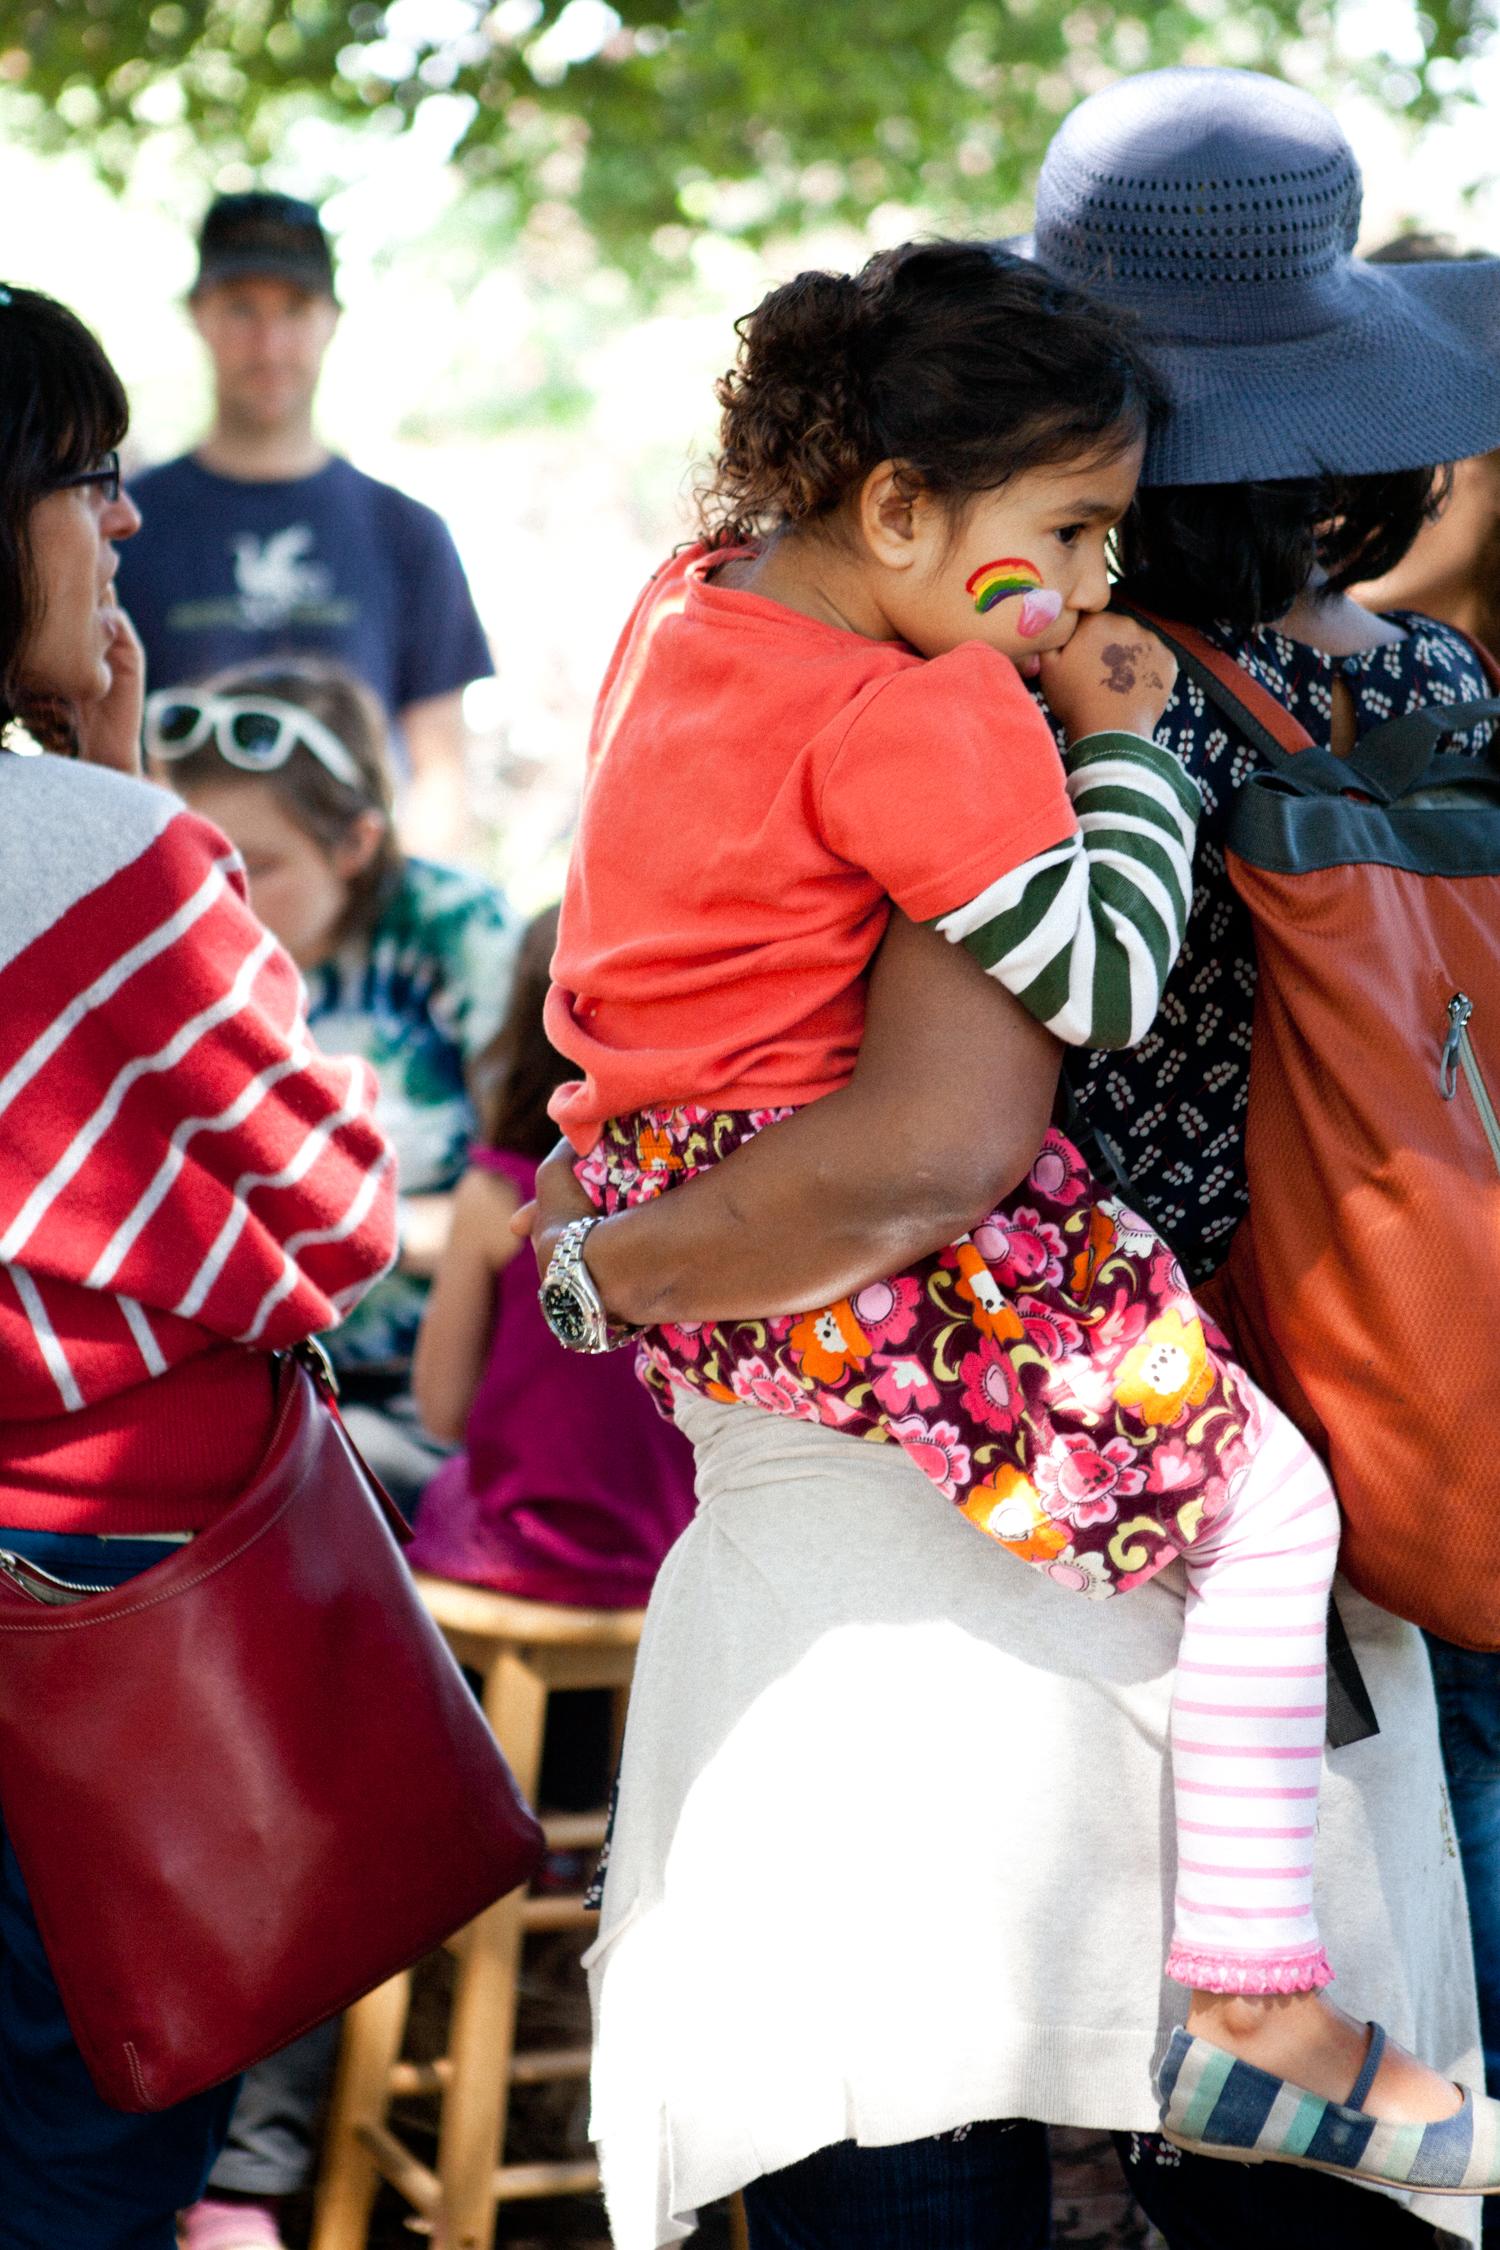 erinscottphotography_edibleschoolyardberkeley-5.jpg